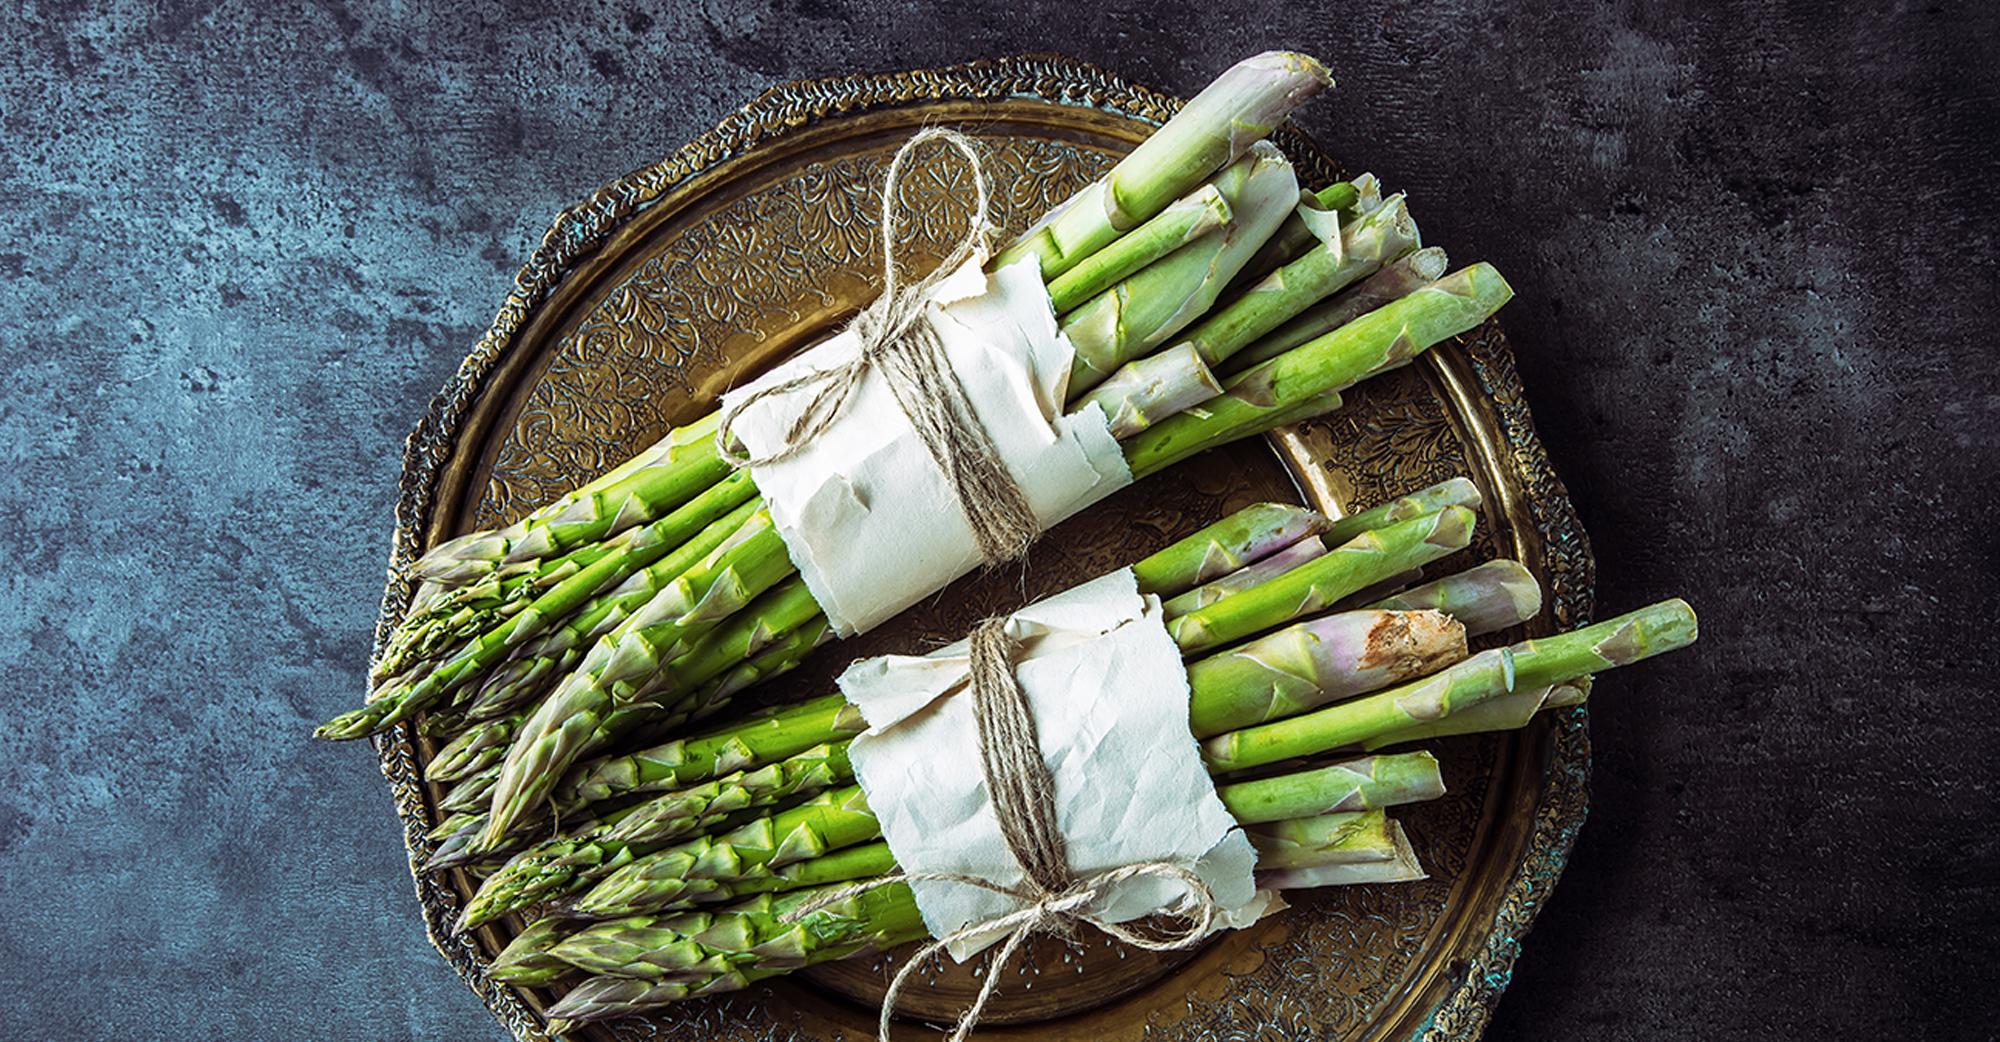 Tanti colori un solo ortaggio: l'asparago